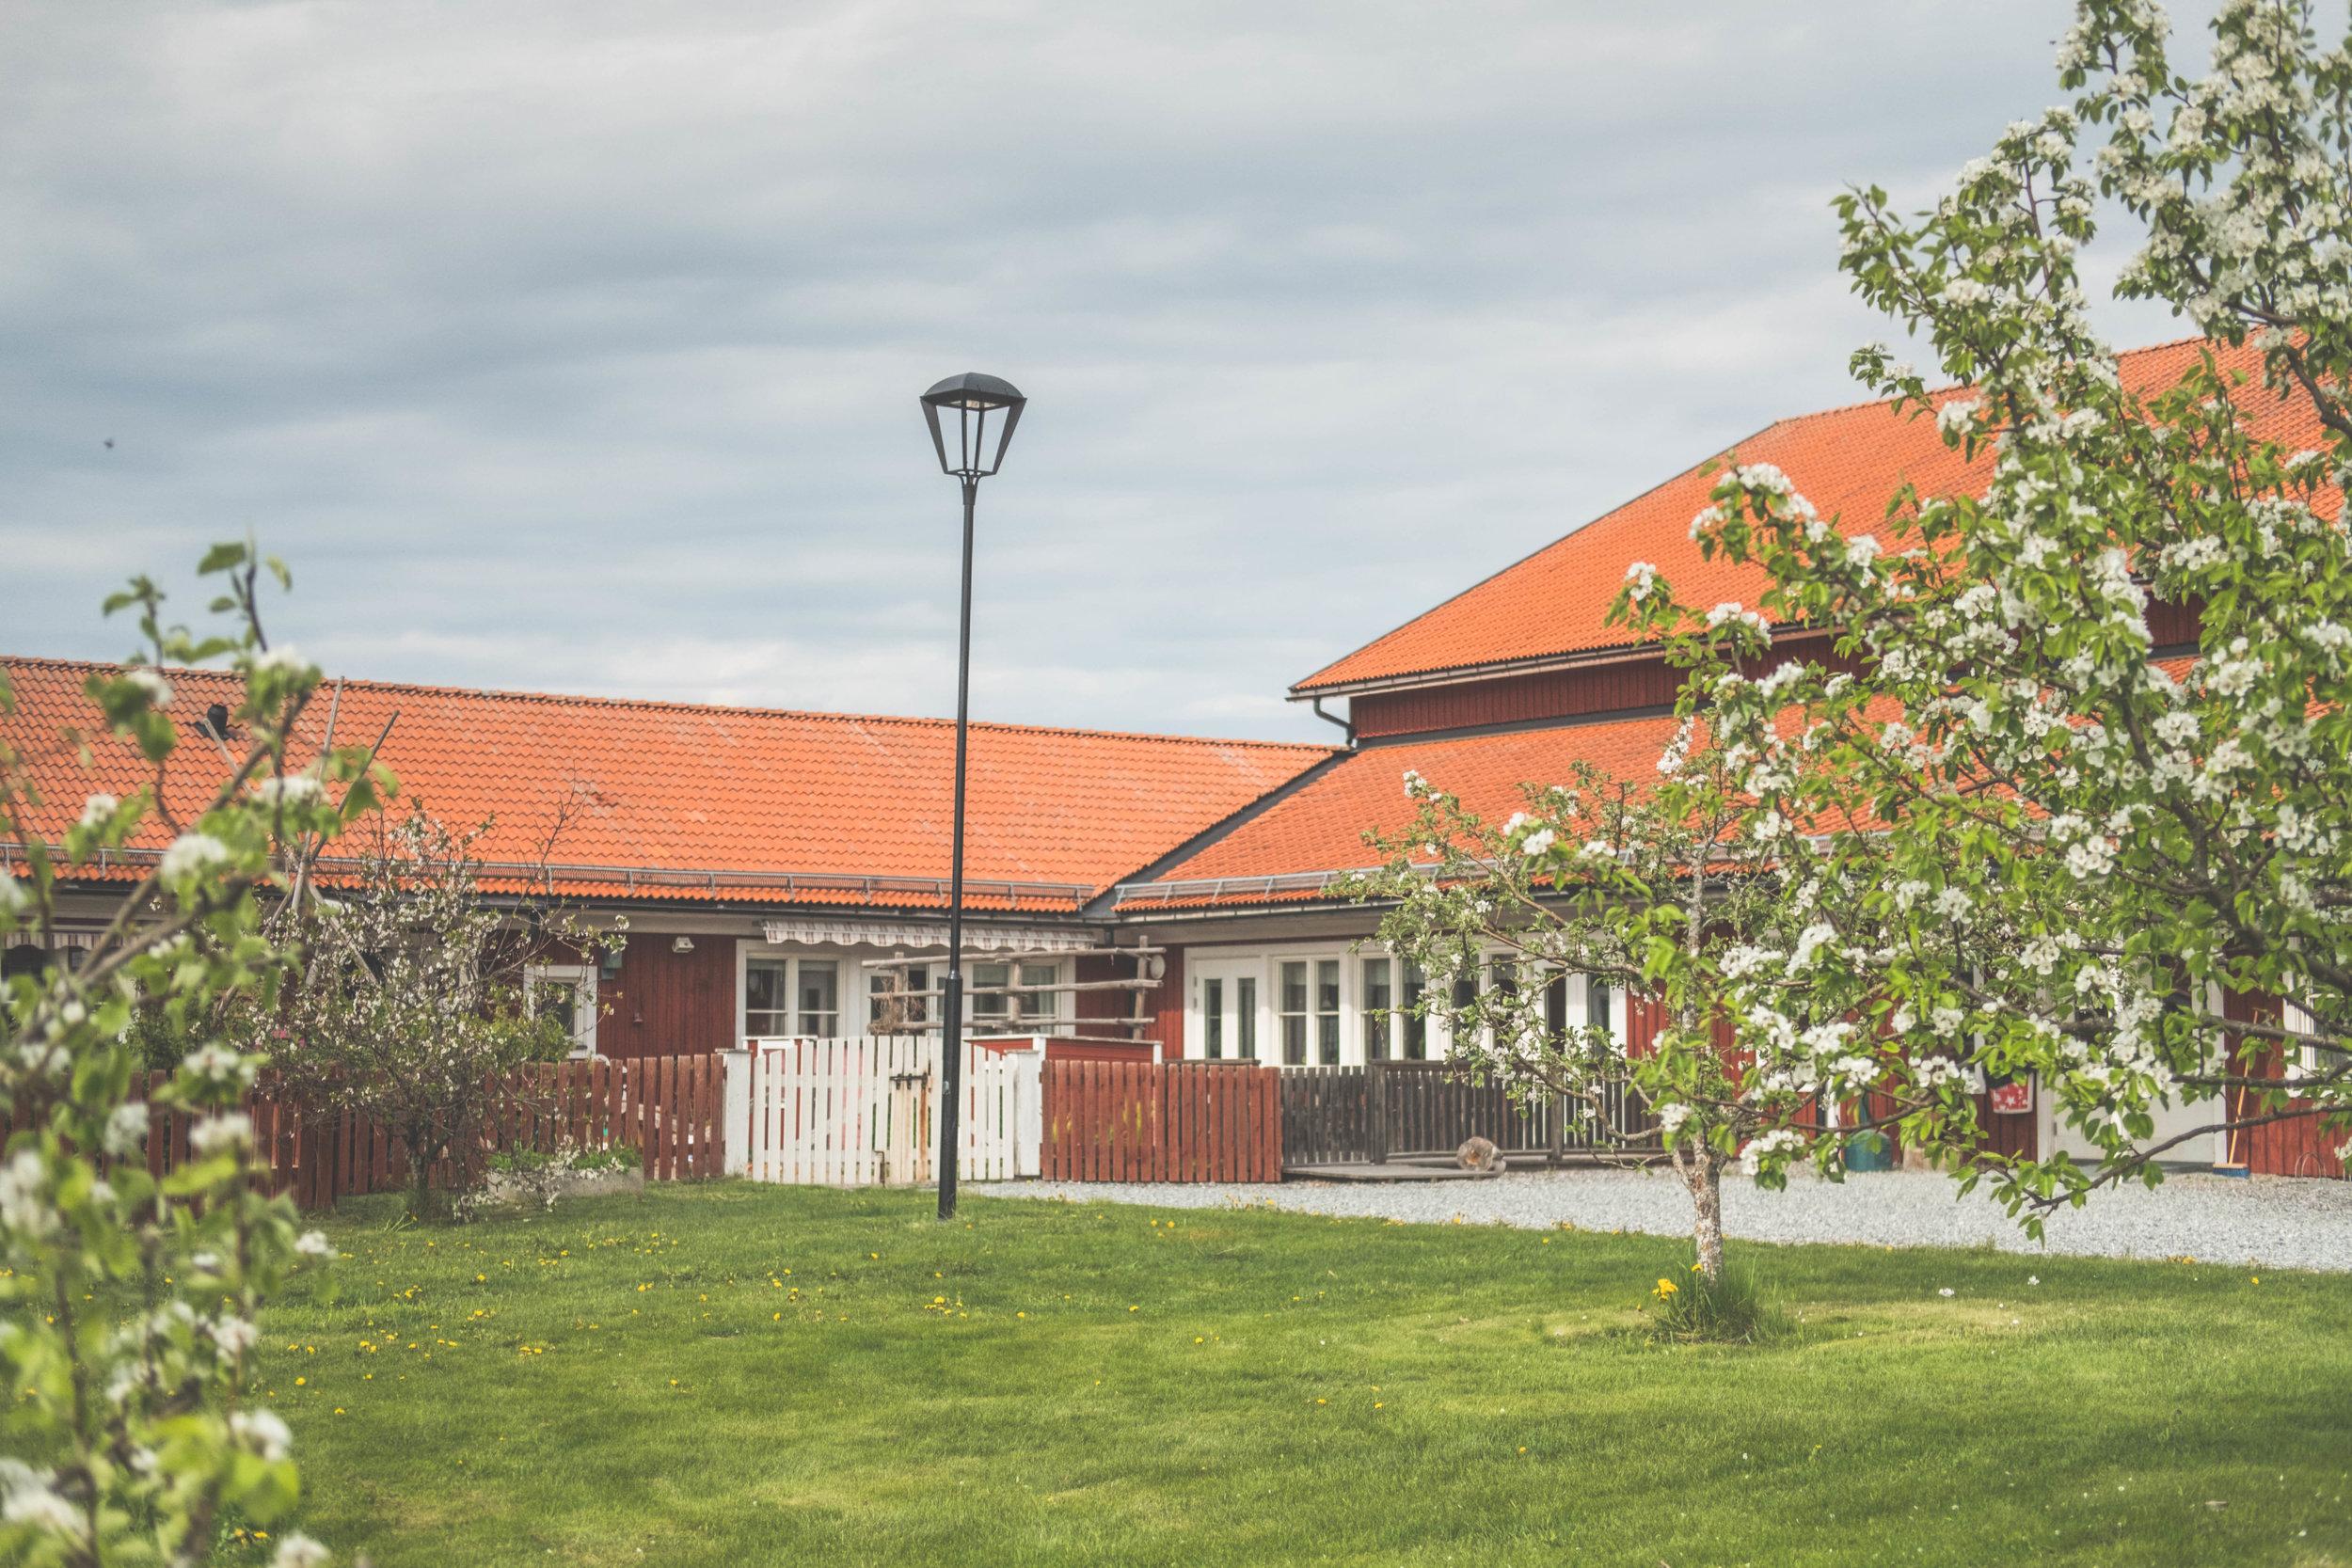 Åbyggeby Landsbygdcenter FOTO: Mattias Färnstrand, Kuxagruppen AB